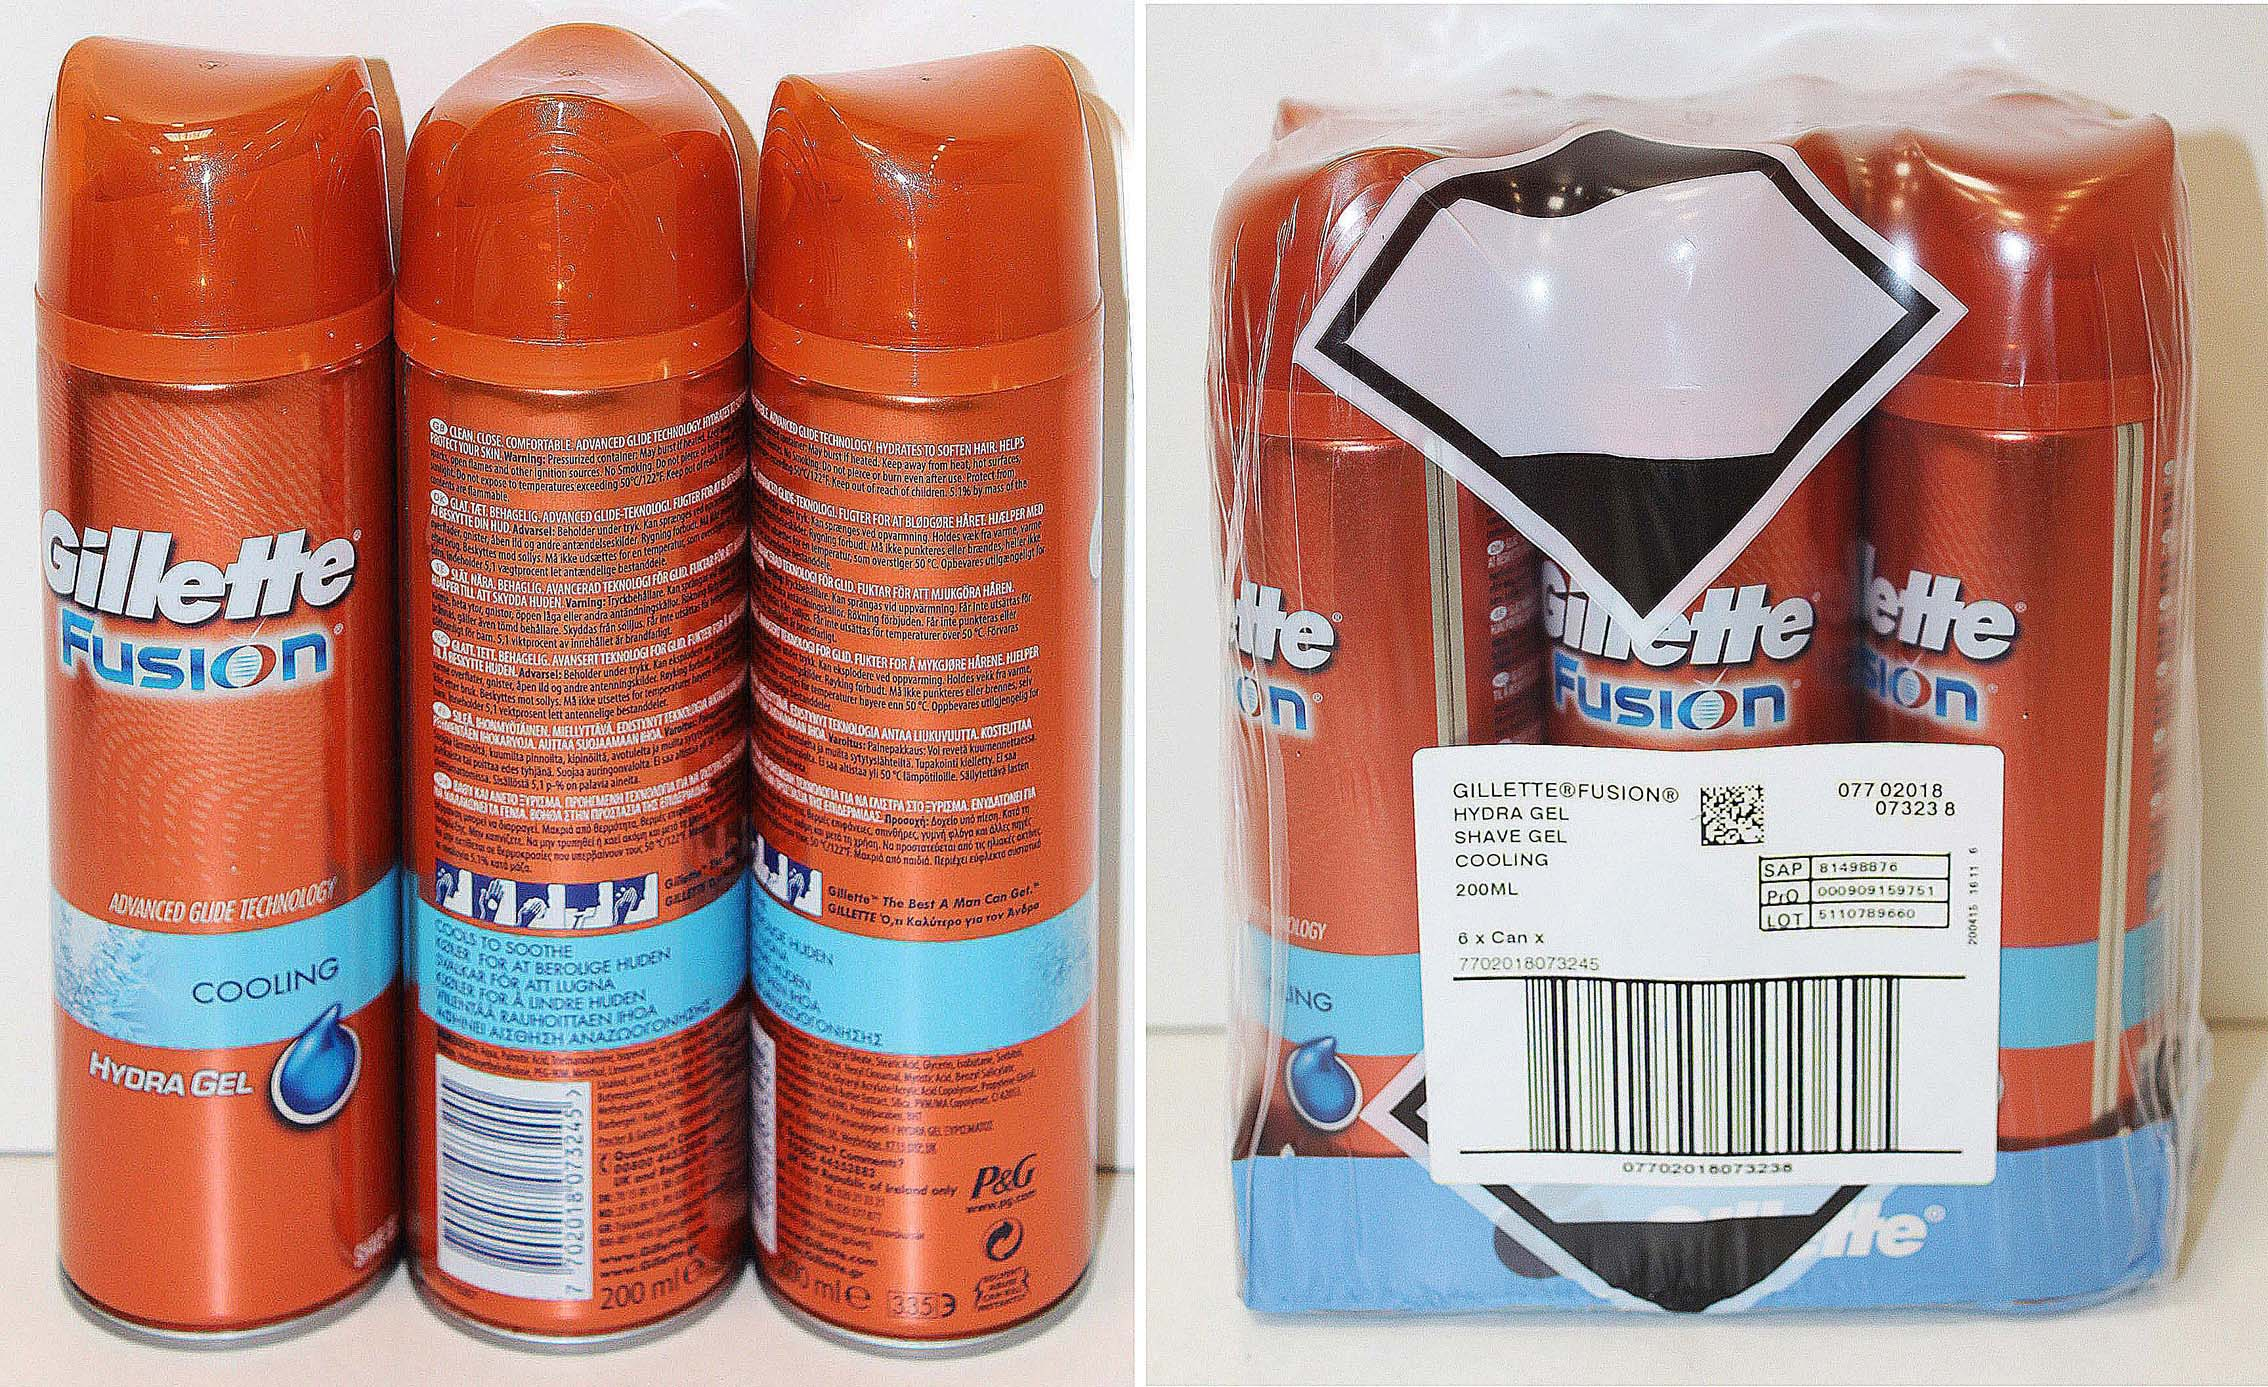 9fea7c26b Fusion Gel Hydra Sensitive 200 ml. Fusion Gel Hydra Ultra 200 ml. Fusion  Gel Hydrate 200 ml